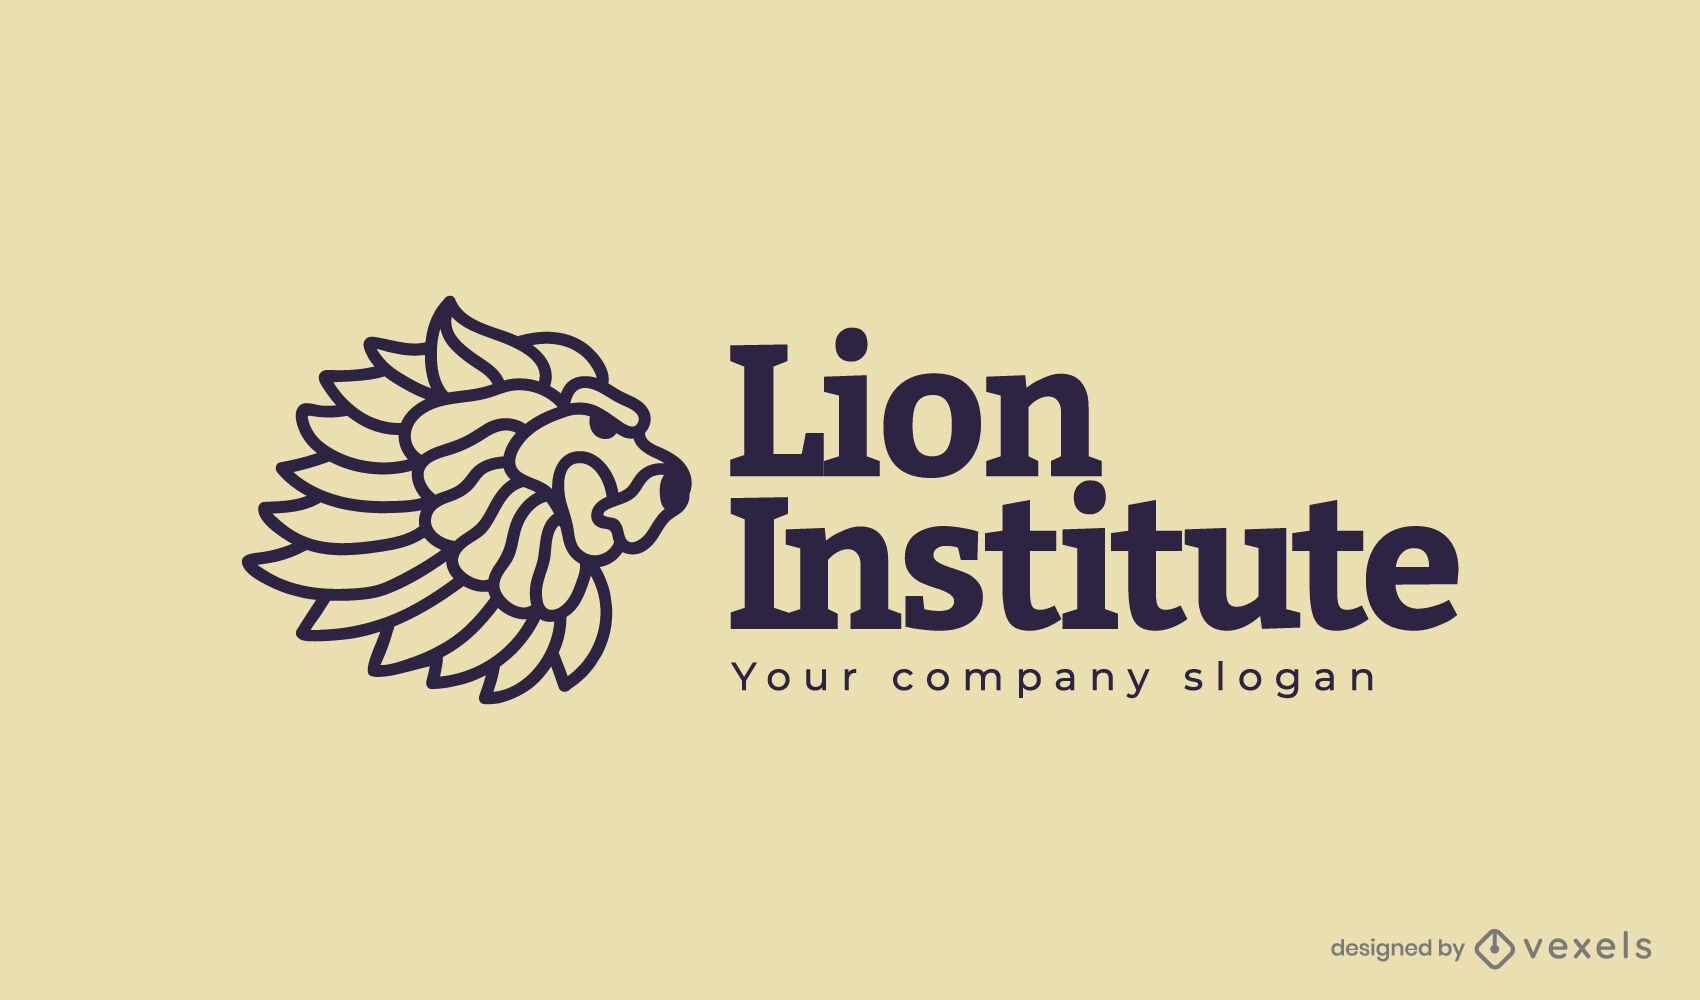 Lion institute animal logo design